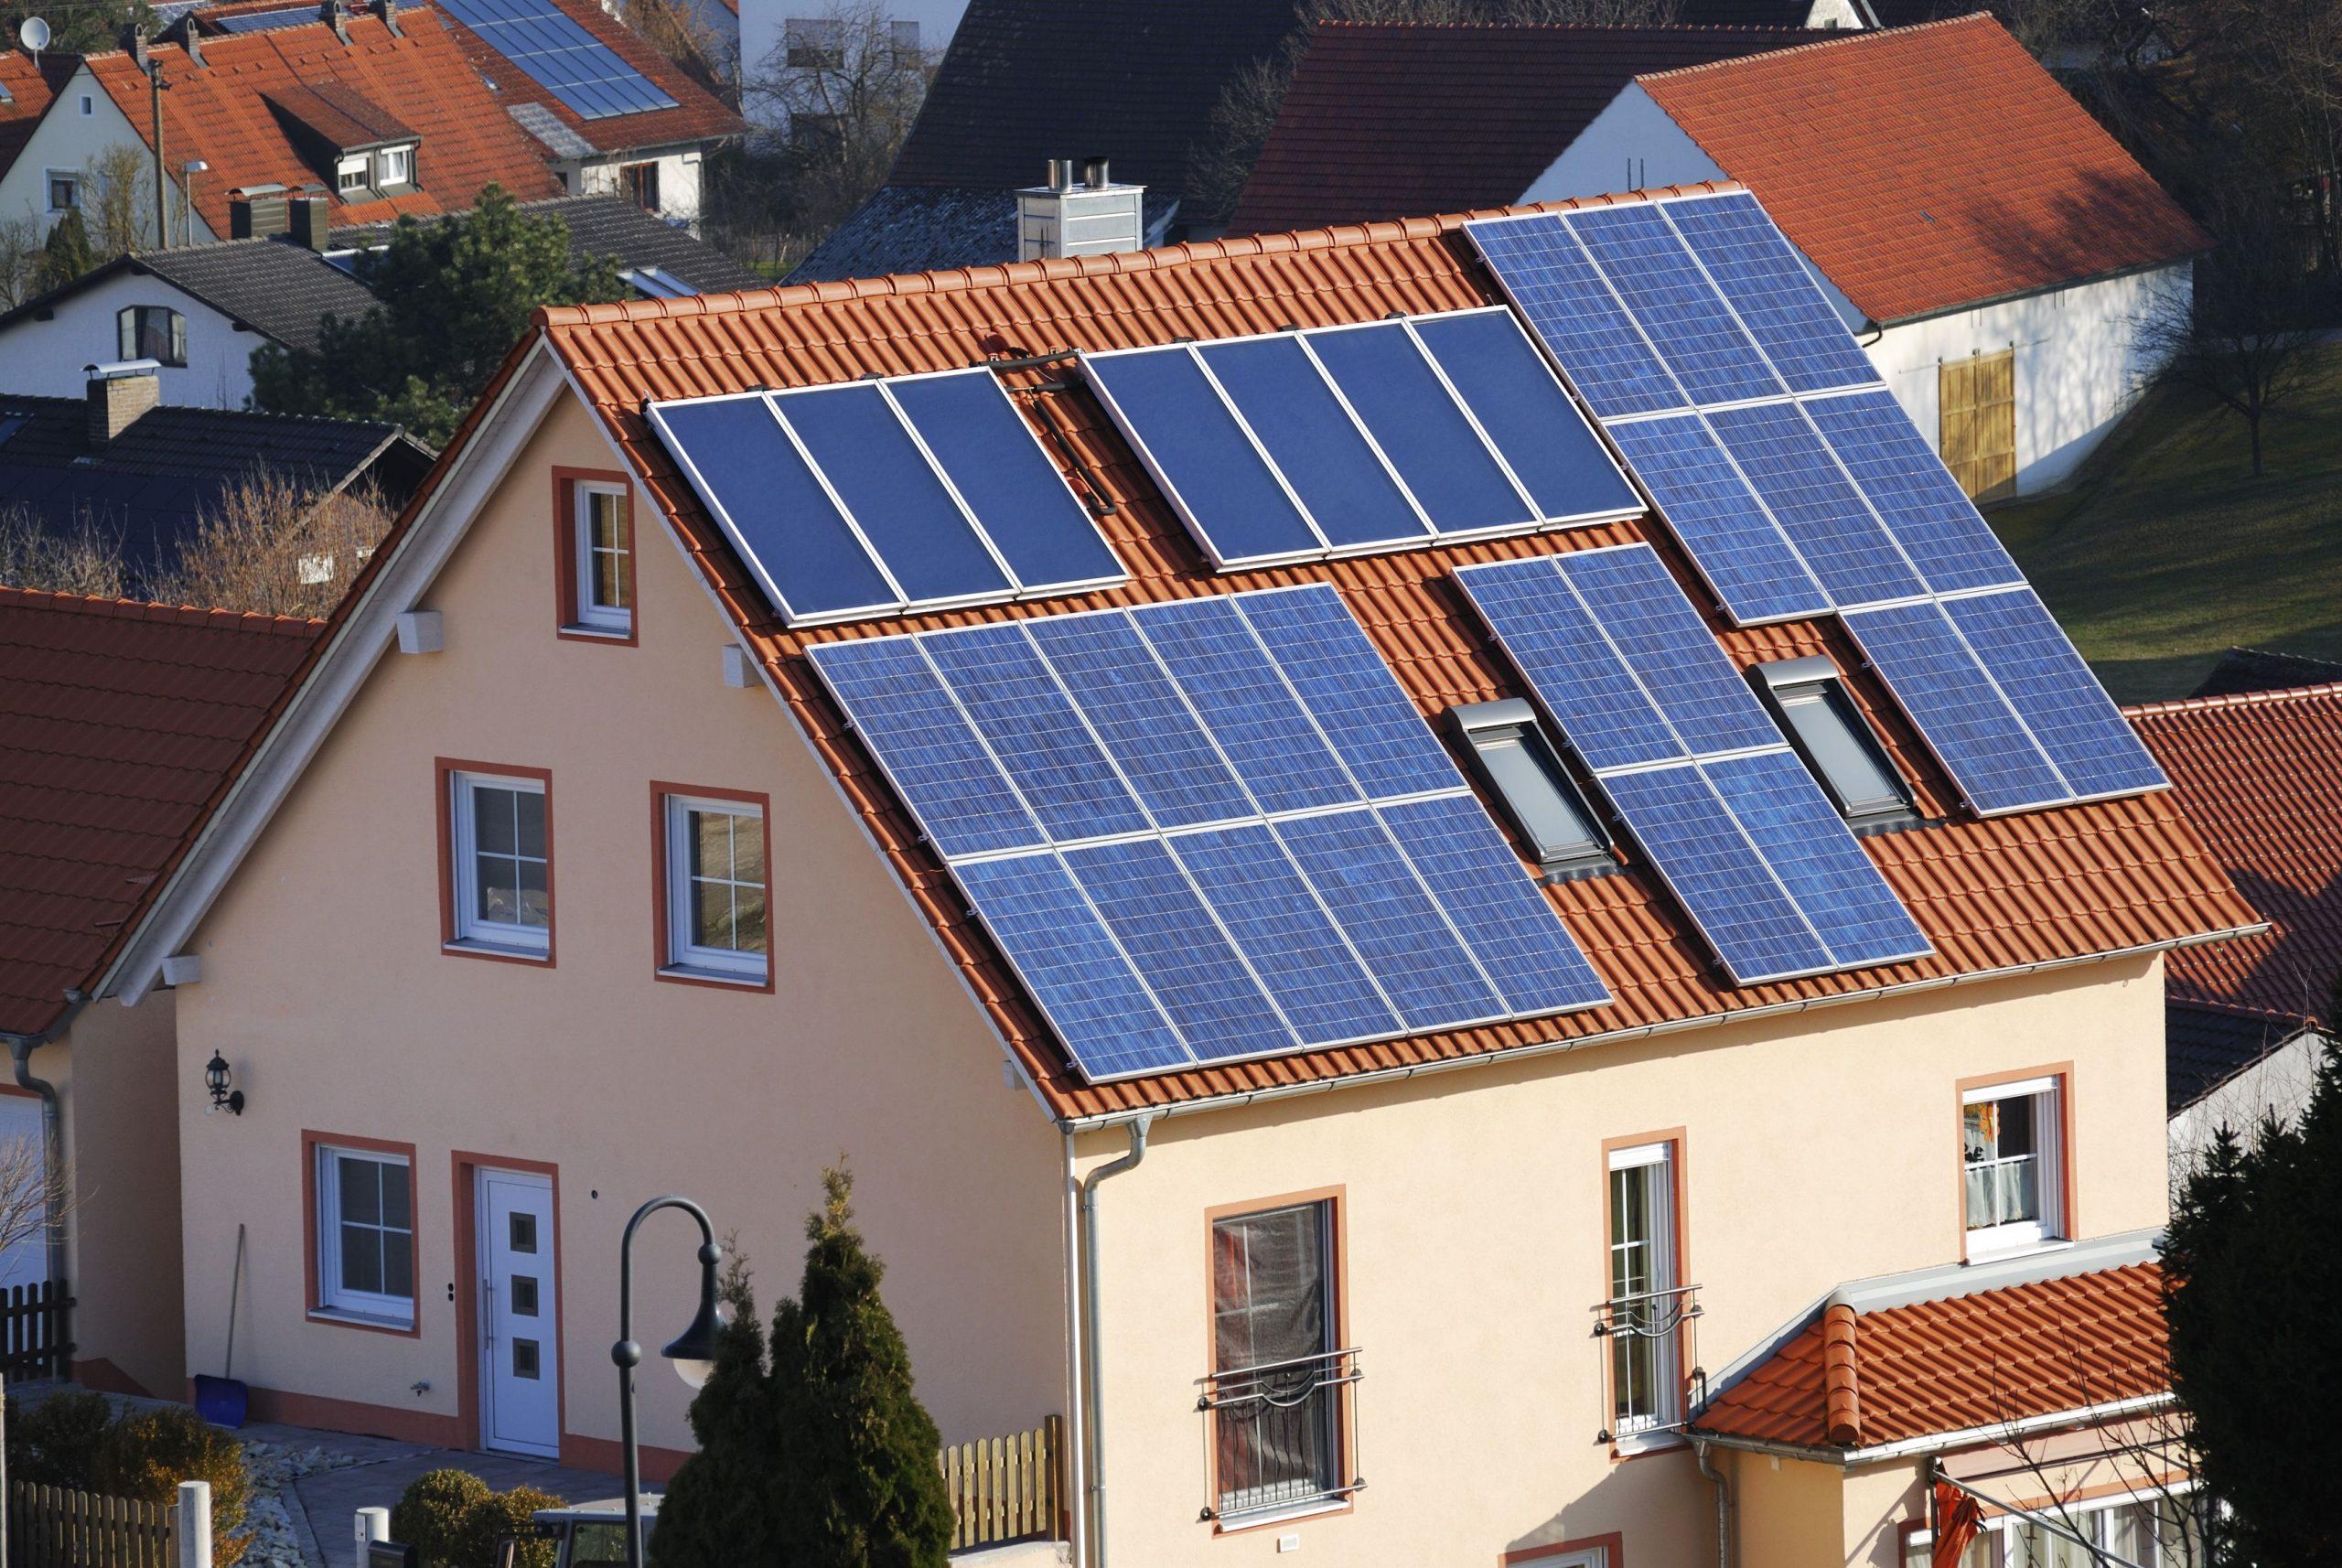 Češi slaví se soláry úspěchy jinde než doma